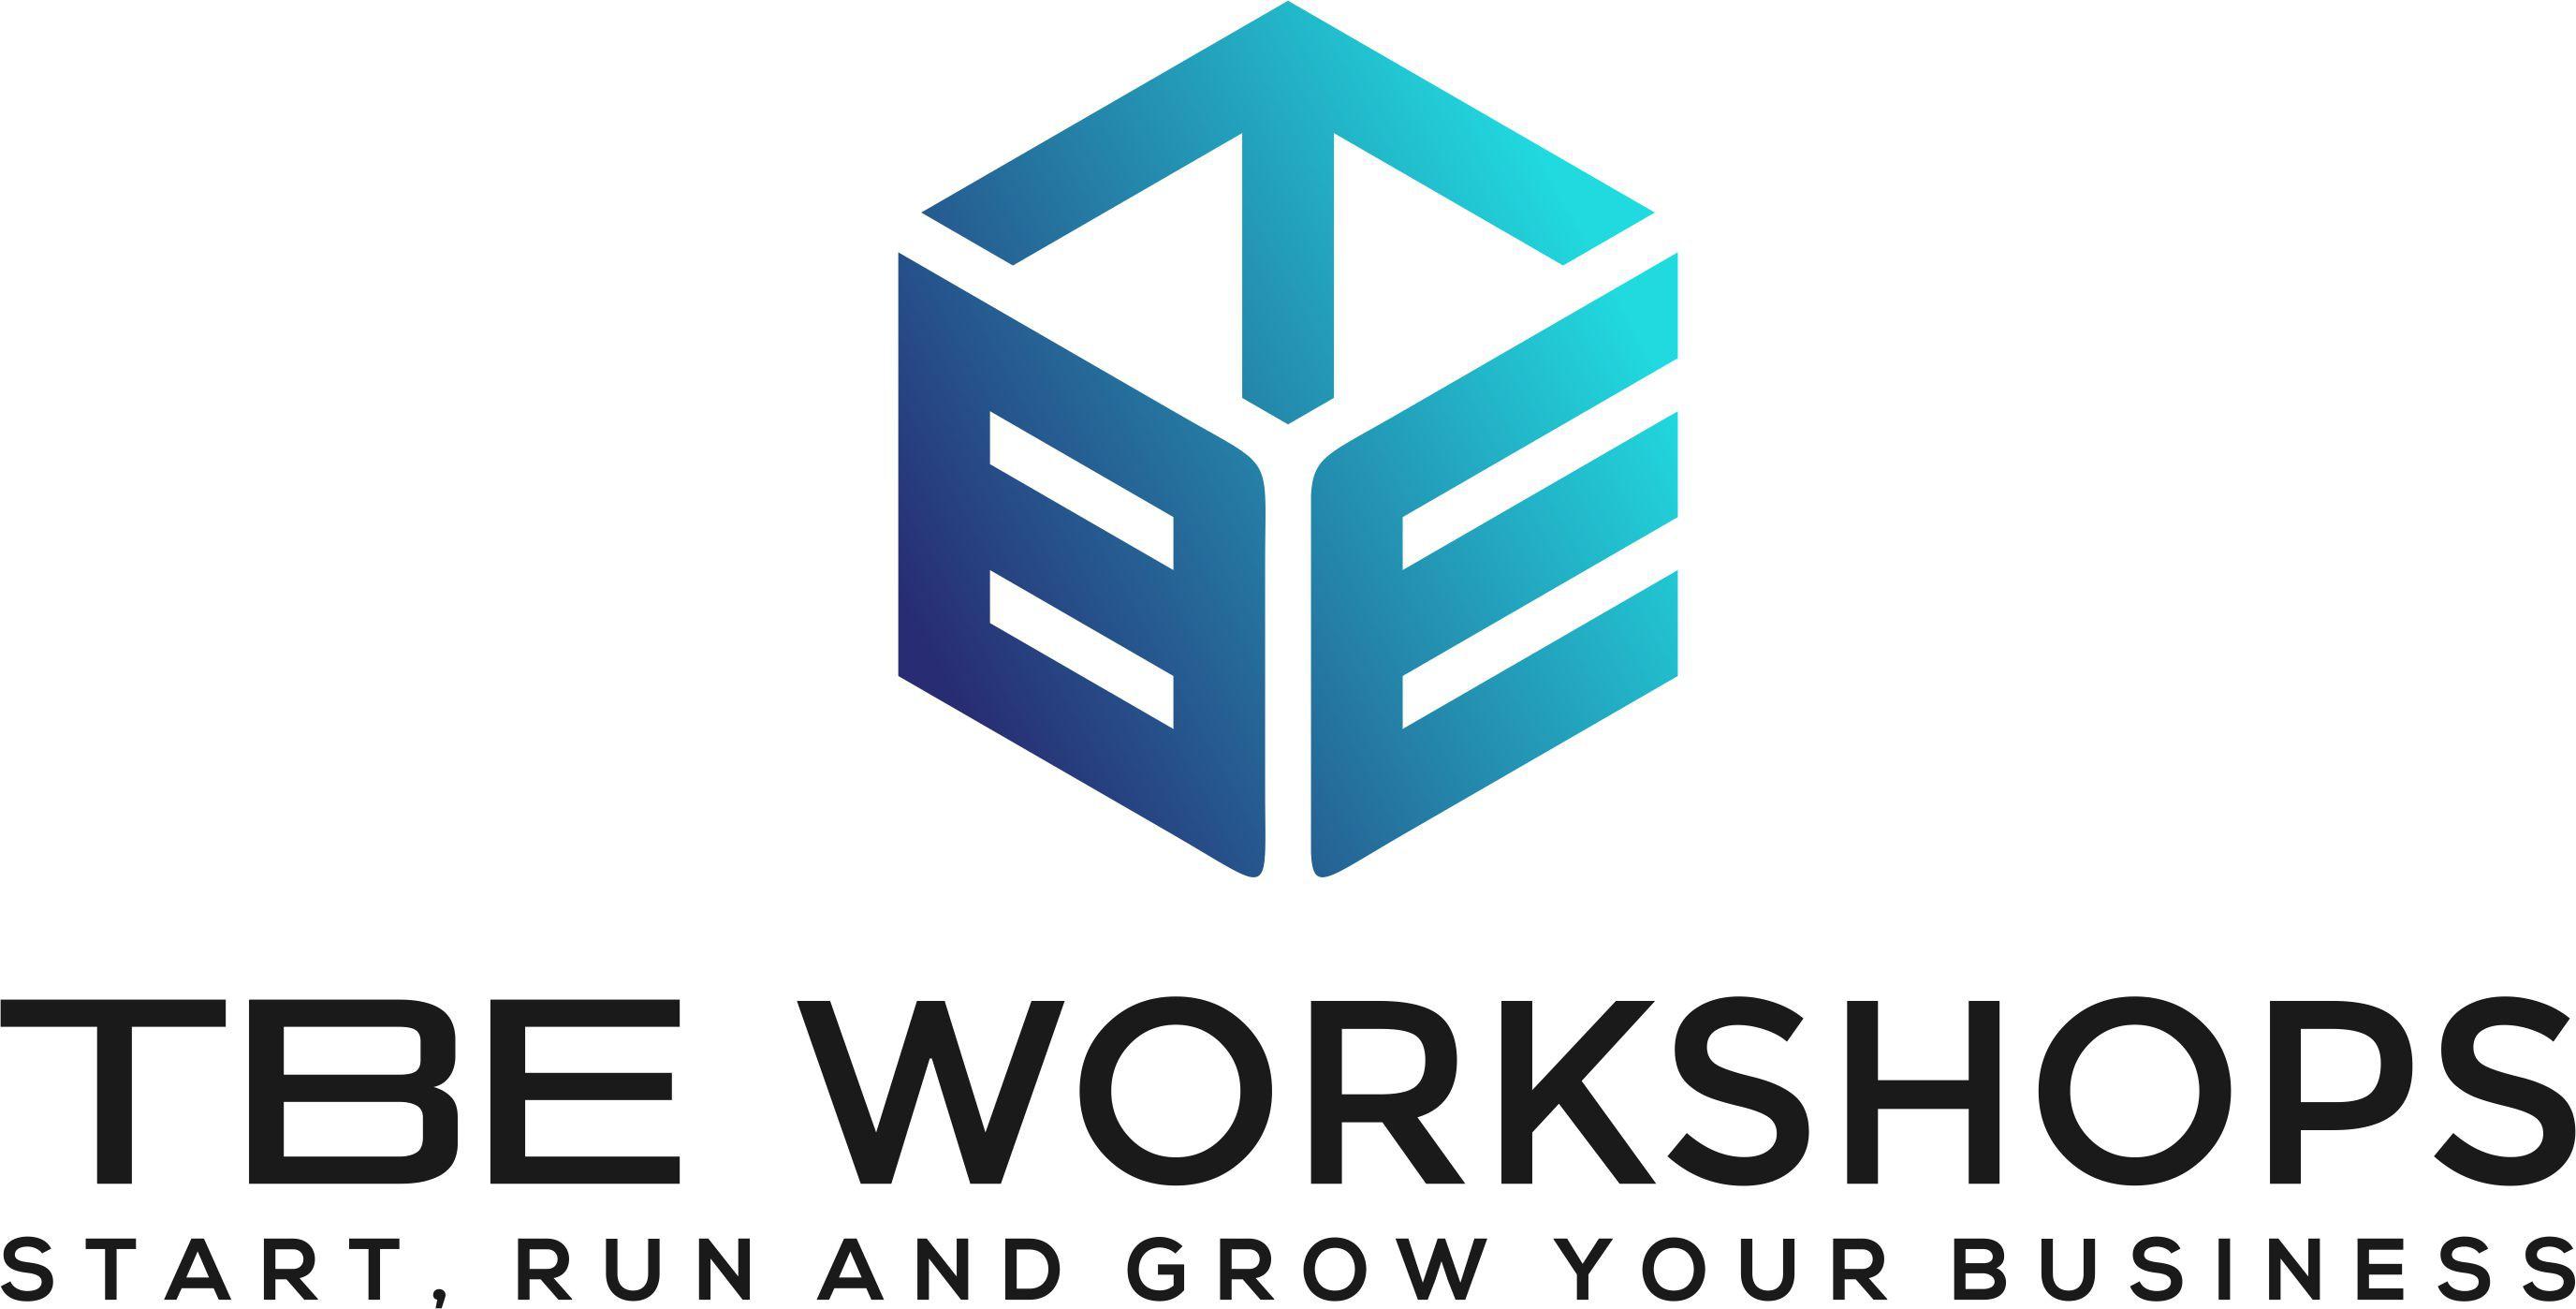 Creative Logo Design For An Entrepreneur Support Company